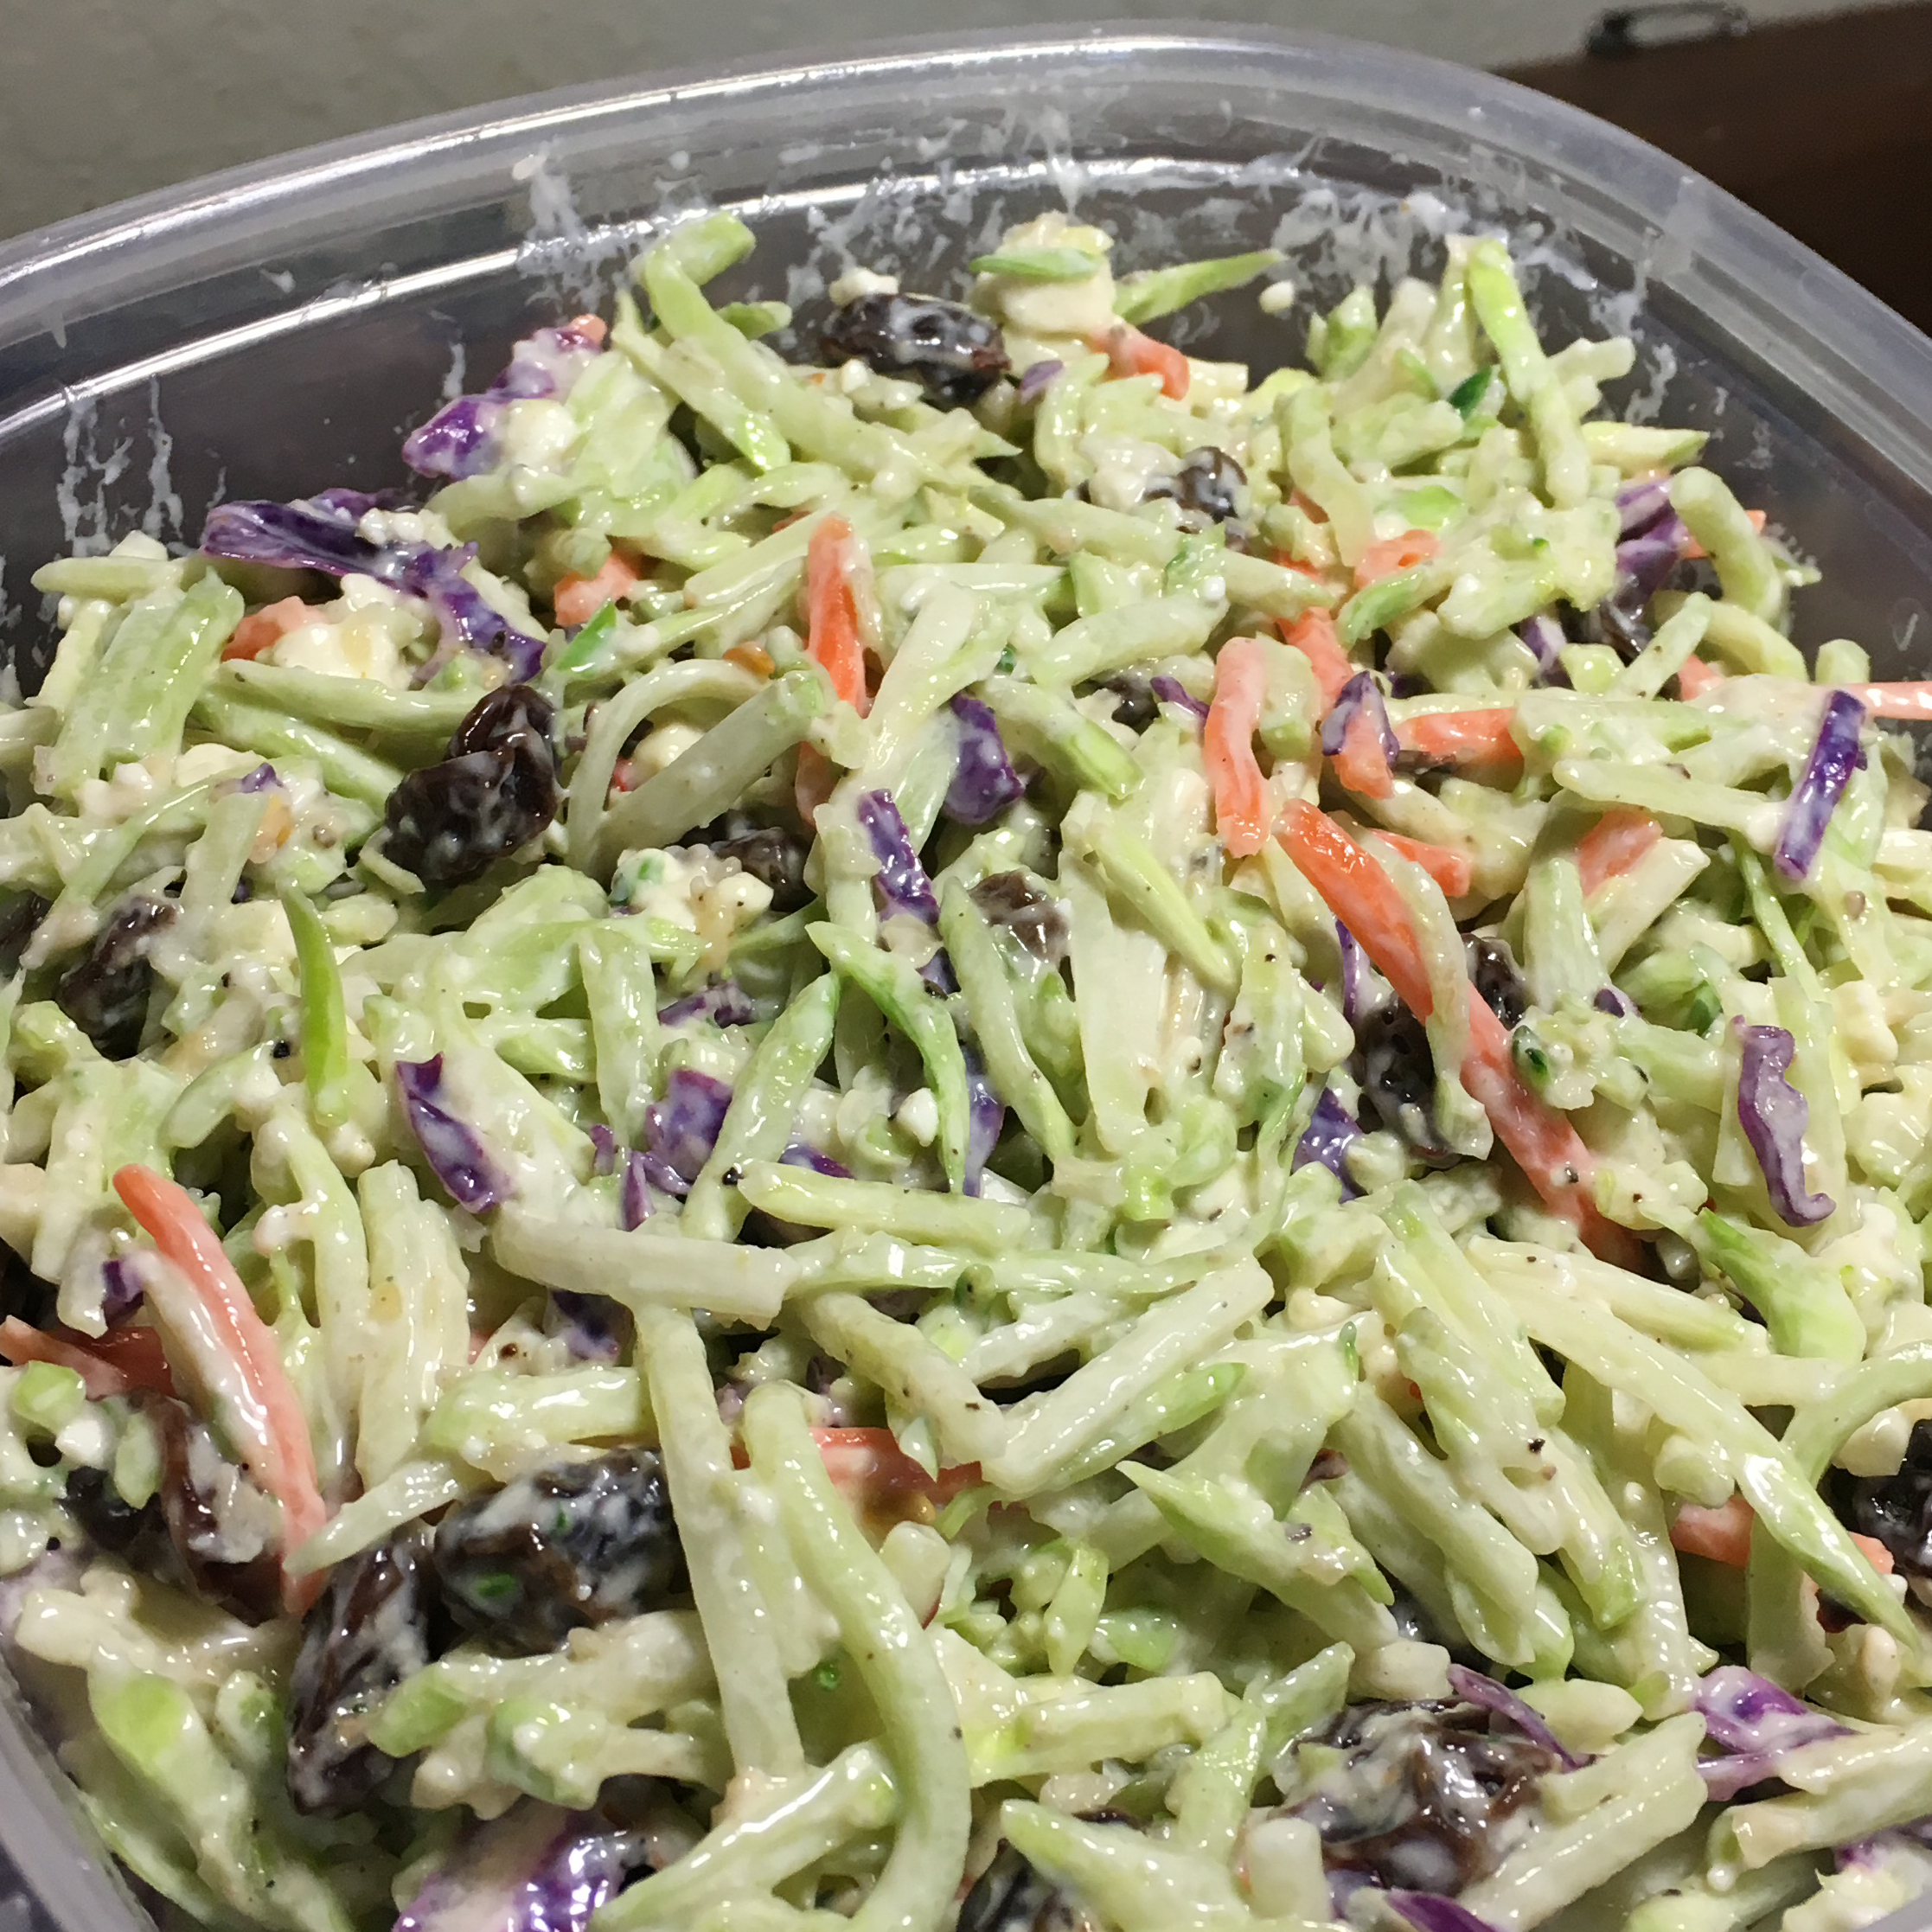 Andrea's Broccoli Slaw ropeitjohnson